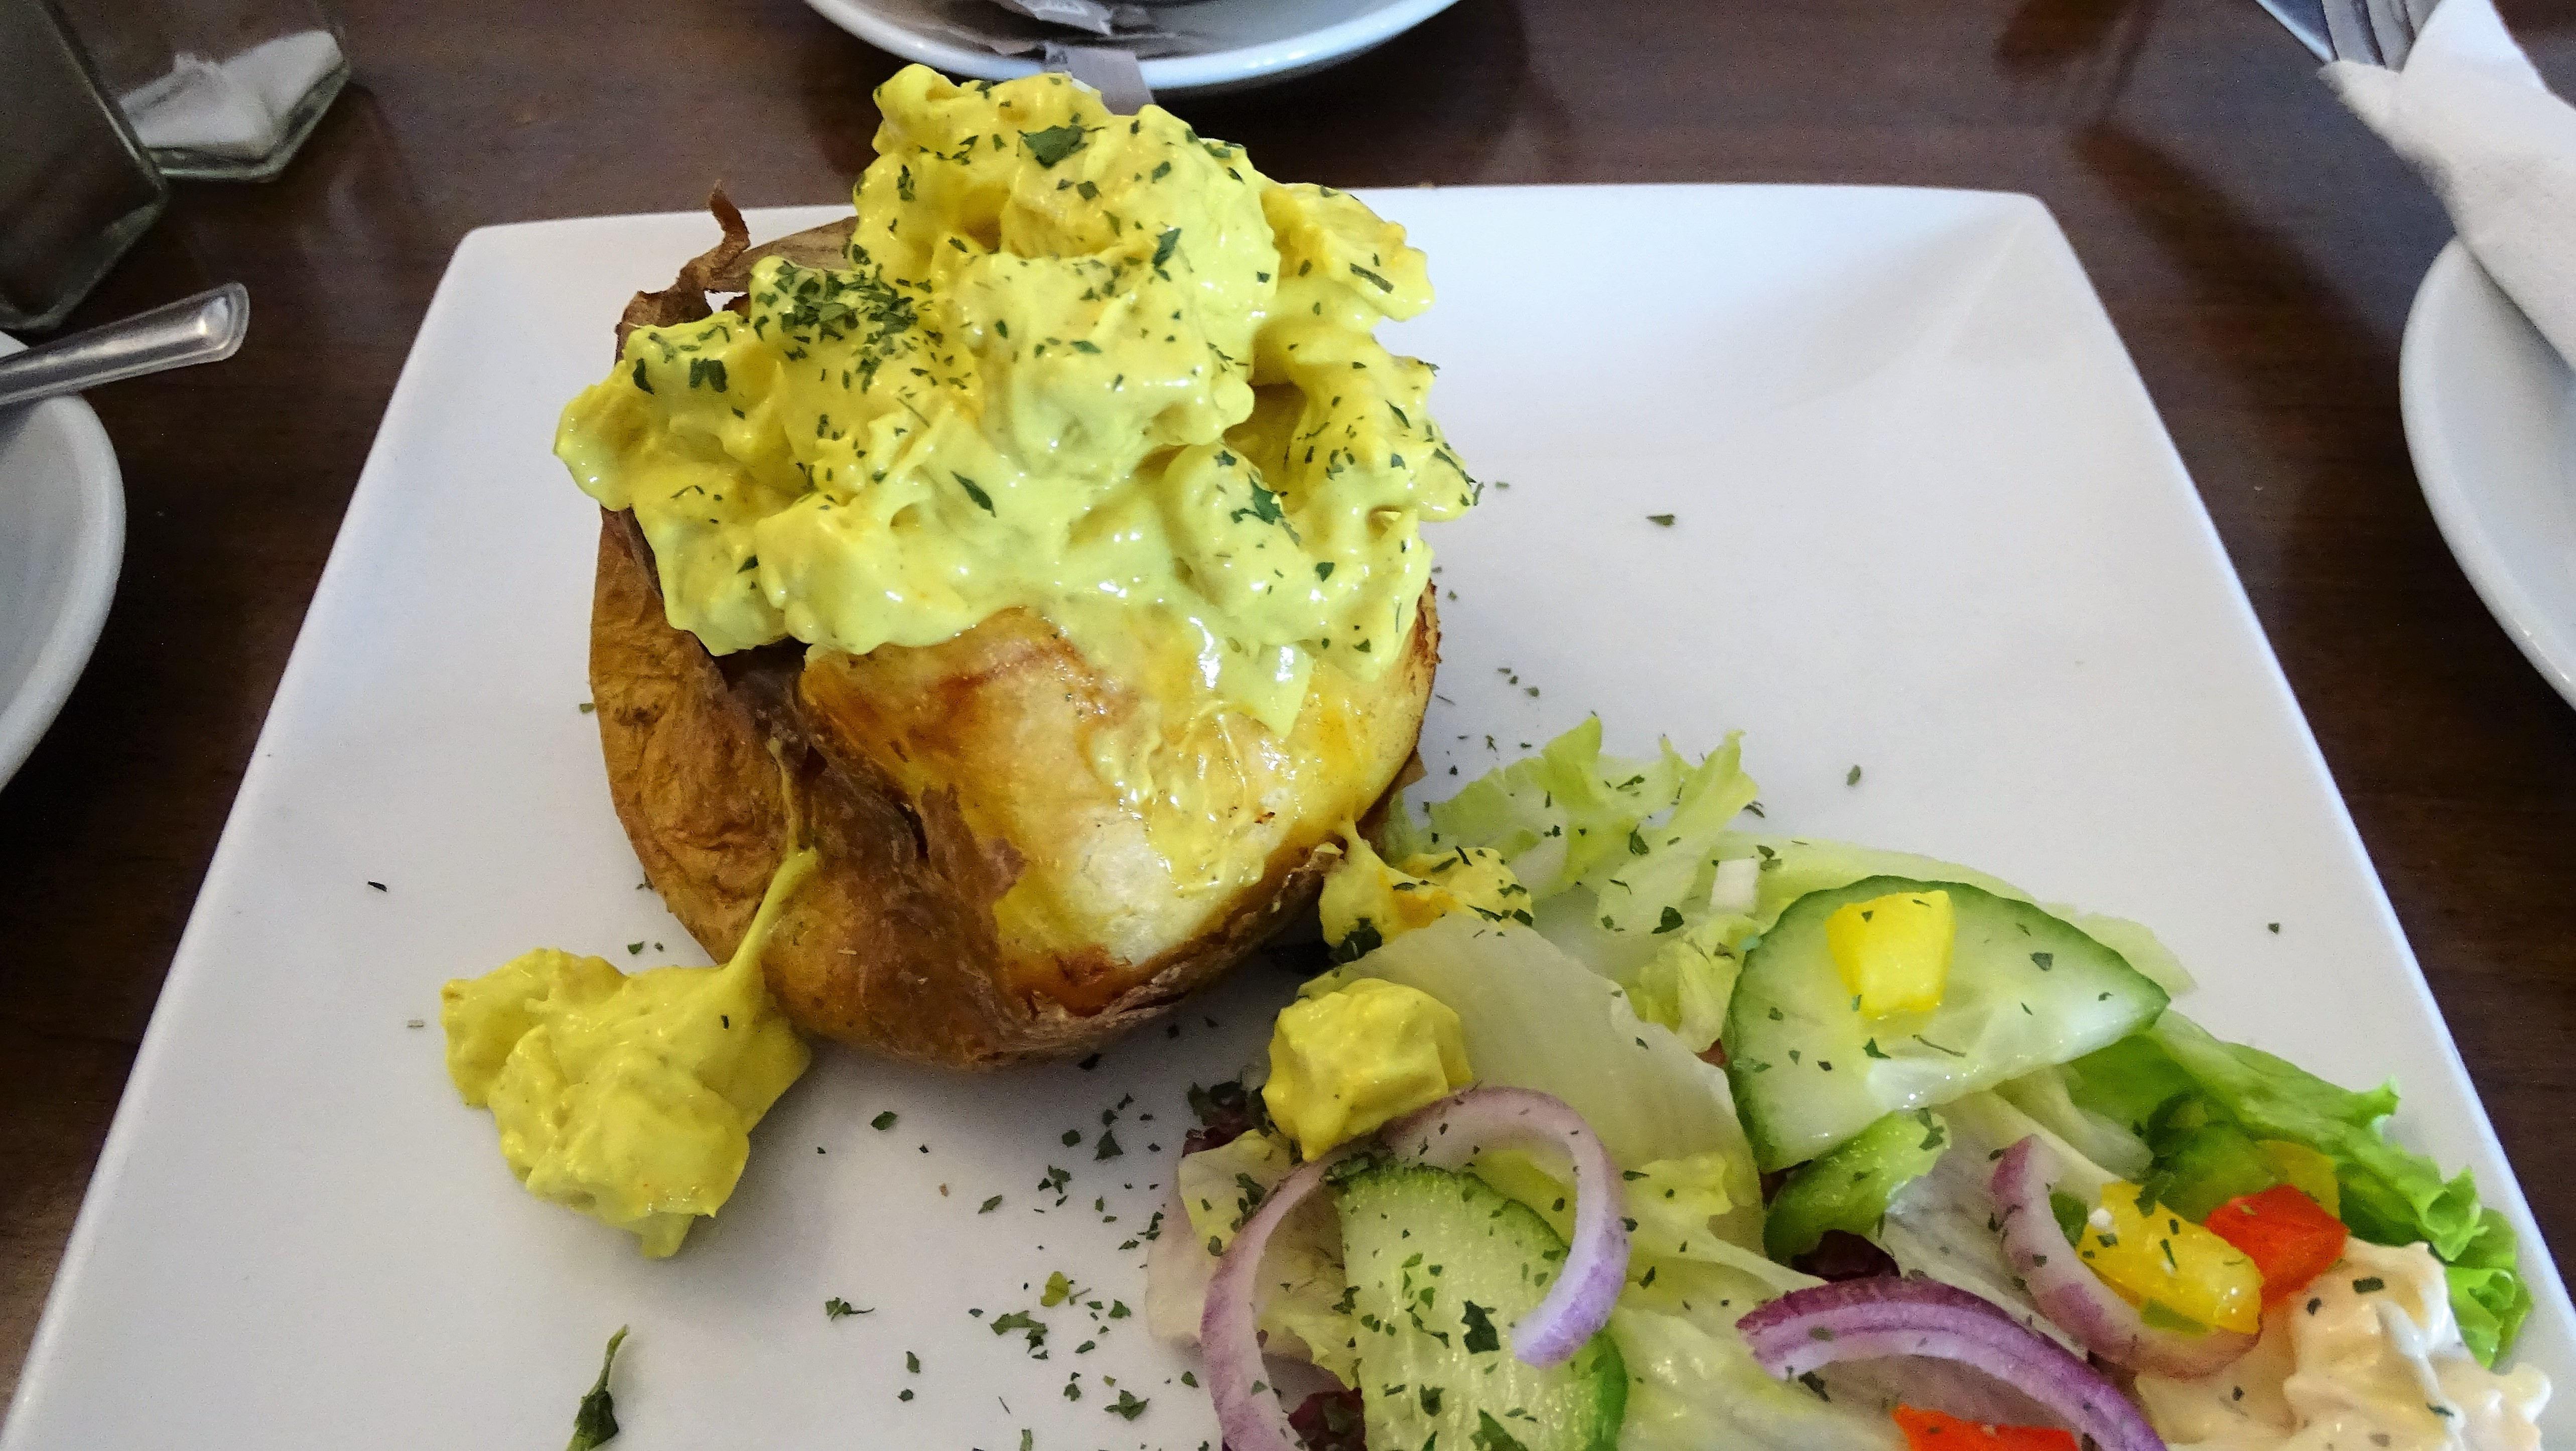 Jacket potato. Ez tulajdonképpen egy nagy főtt krumpli, benne currys csirkesalátával. A Loch Lomondnál ettük (ahova amúgy Glasgowból bő fél óra alatt ki lehet vonatozni, érdemes!) és nagyon jól jött az egész napos szélben, esőben sétálás után. Finom és laktató, ahogy kell!